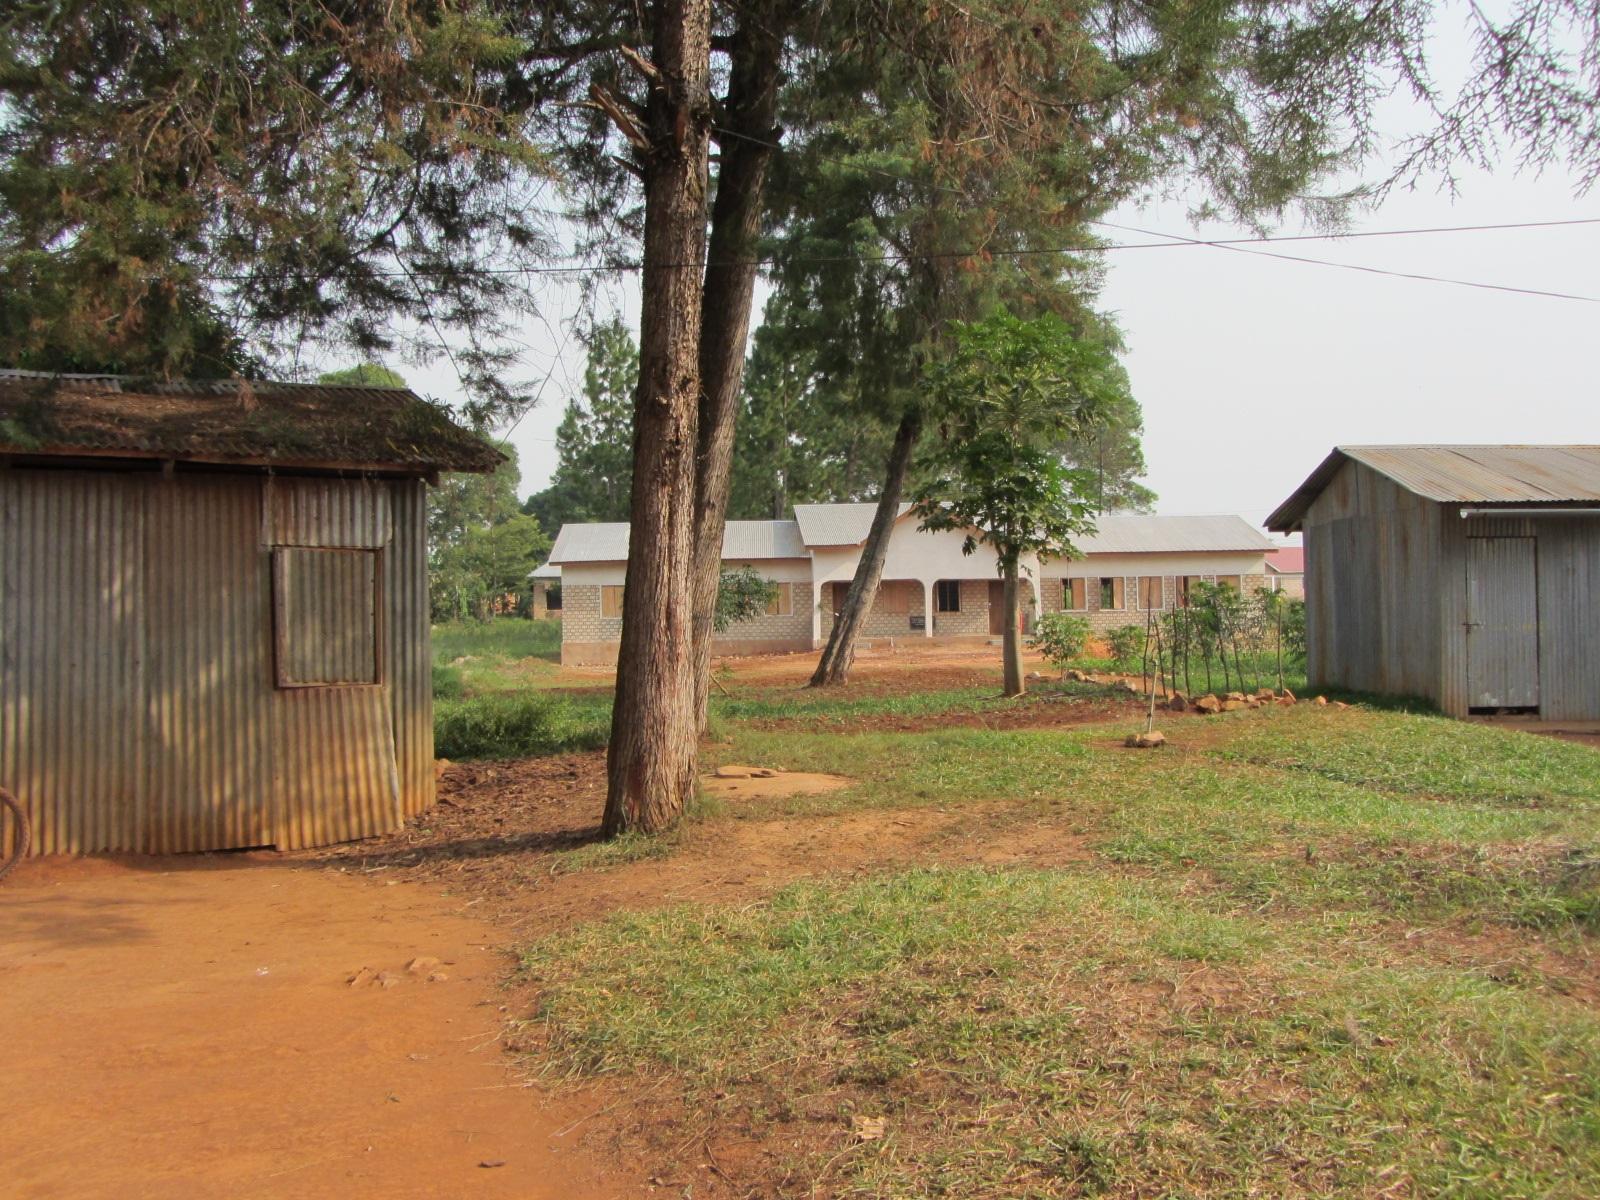 Reisebericht Kusini B / Tansania 15.02.-26.02. 2014 – Evangelischer ...